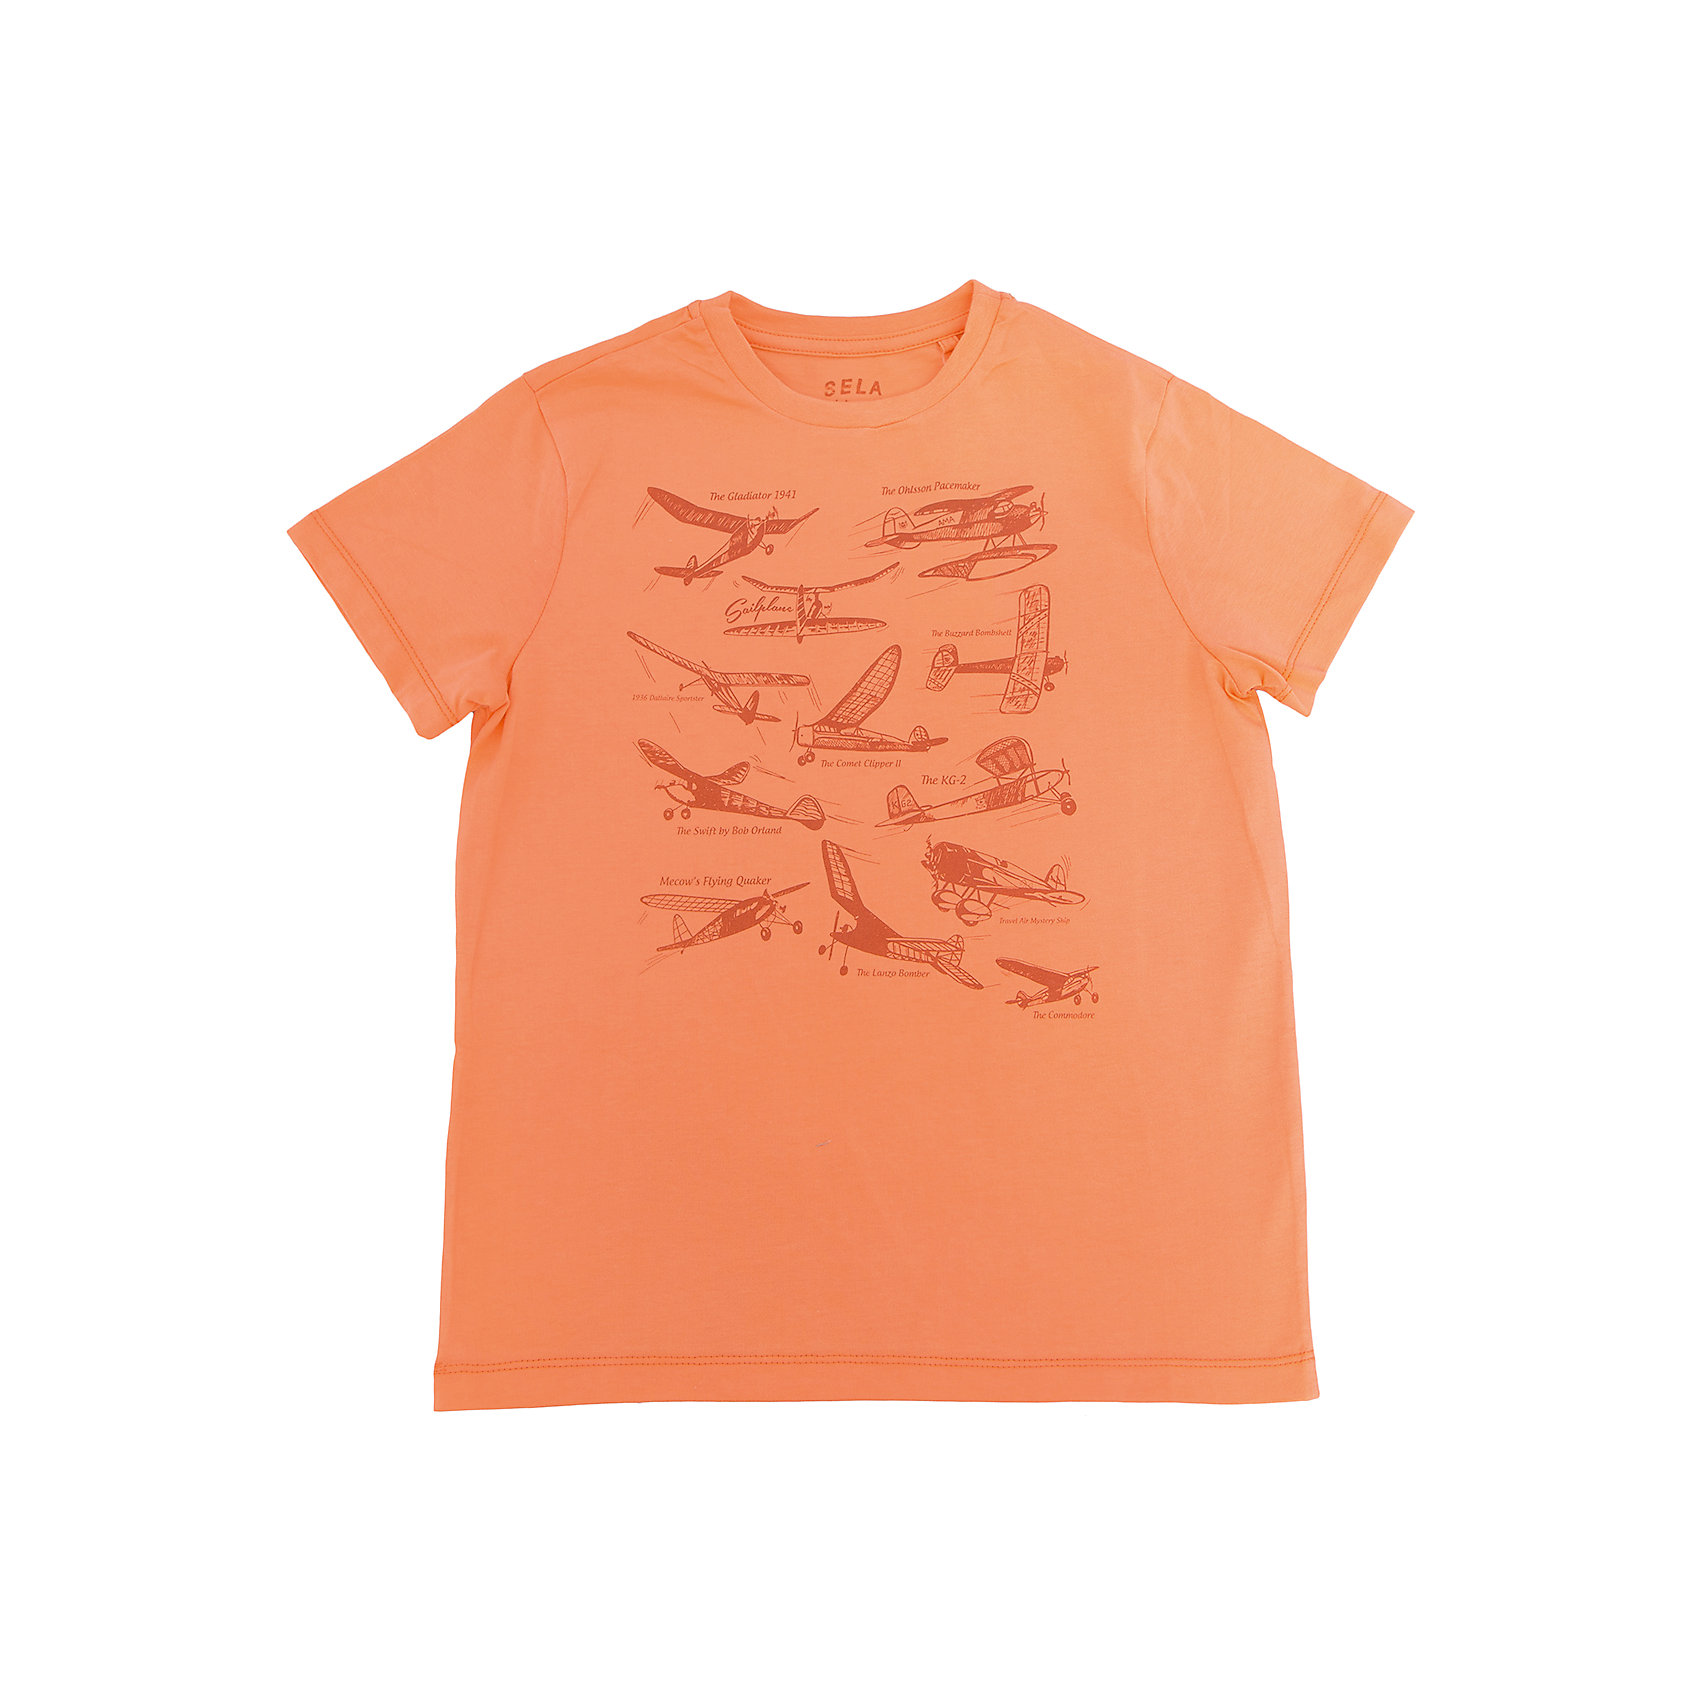 Футболка  для мальчика SELAФутболки, поло и топы<br>Характеристики товара:<br><br>• цвет: оранжевый<br>• состав: 100% хлопок<br>• принт<br>• короткие рукава<br>• округлый горловой вырез<br>• коллекция весна-лето 2017<br>• страна бренда: Российская Федерация<br><br>В новой коллекции SELA отличные модели одежды! Эта футболка для мальчика поможет разнообразить гардероб ребенка и обеспечить комфорт. Она отлично сочетается с джинсами и брюками. В составе ткани -только дышащий гипоаллергенный хлопок!<br><br>Одежда, обувь и аксессуары от российского бренда SELA не зря пользуются большой популярностью у детей и взрослых! Модели этой марки - стильные и удобные, цена при этом неизменно остается доступной. Для их производства используются только безопасные, качественные материалы и фурнитура. Новая коллекция поддерживает хорошие традиции бренда! <br><br>Футболку для мальчика от популярного бренда SELA (СЕЛА) можно купить в нашем интернет-магазине.<br><br>Ширина мм: 230<br>Глубина мм: 40<br>Высота мм: 220<br>Вес г: 250<br>Цвет: оранжевый<br>Возраст от месяцев: 96<br>Возраст до месяцев: 108<br>Пол: Мужской<br>Возраст: Детский<br>Размер: 134,140,146,152,116,122,128<br>SKU: 5304033